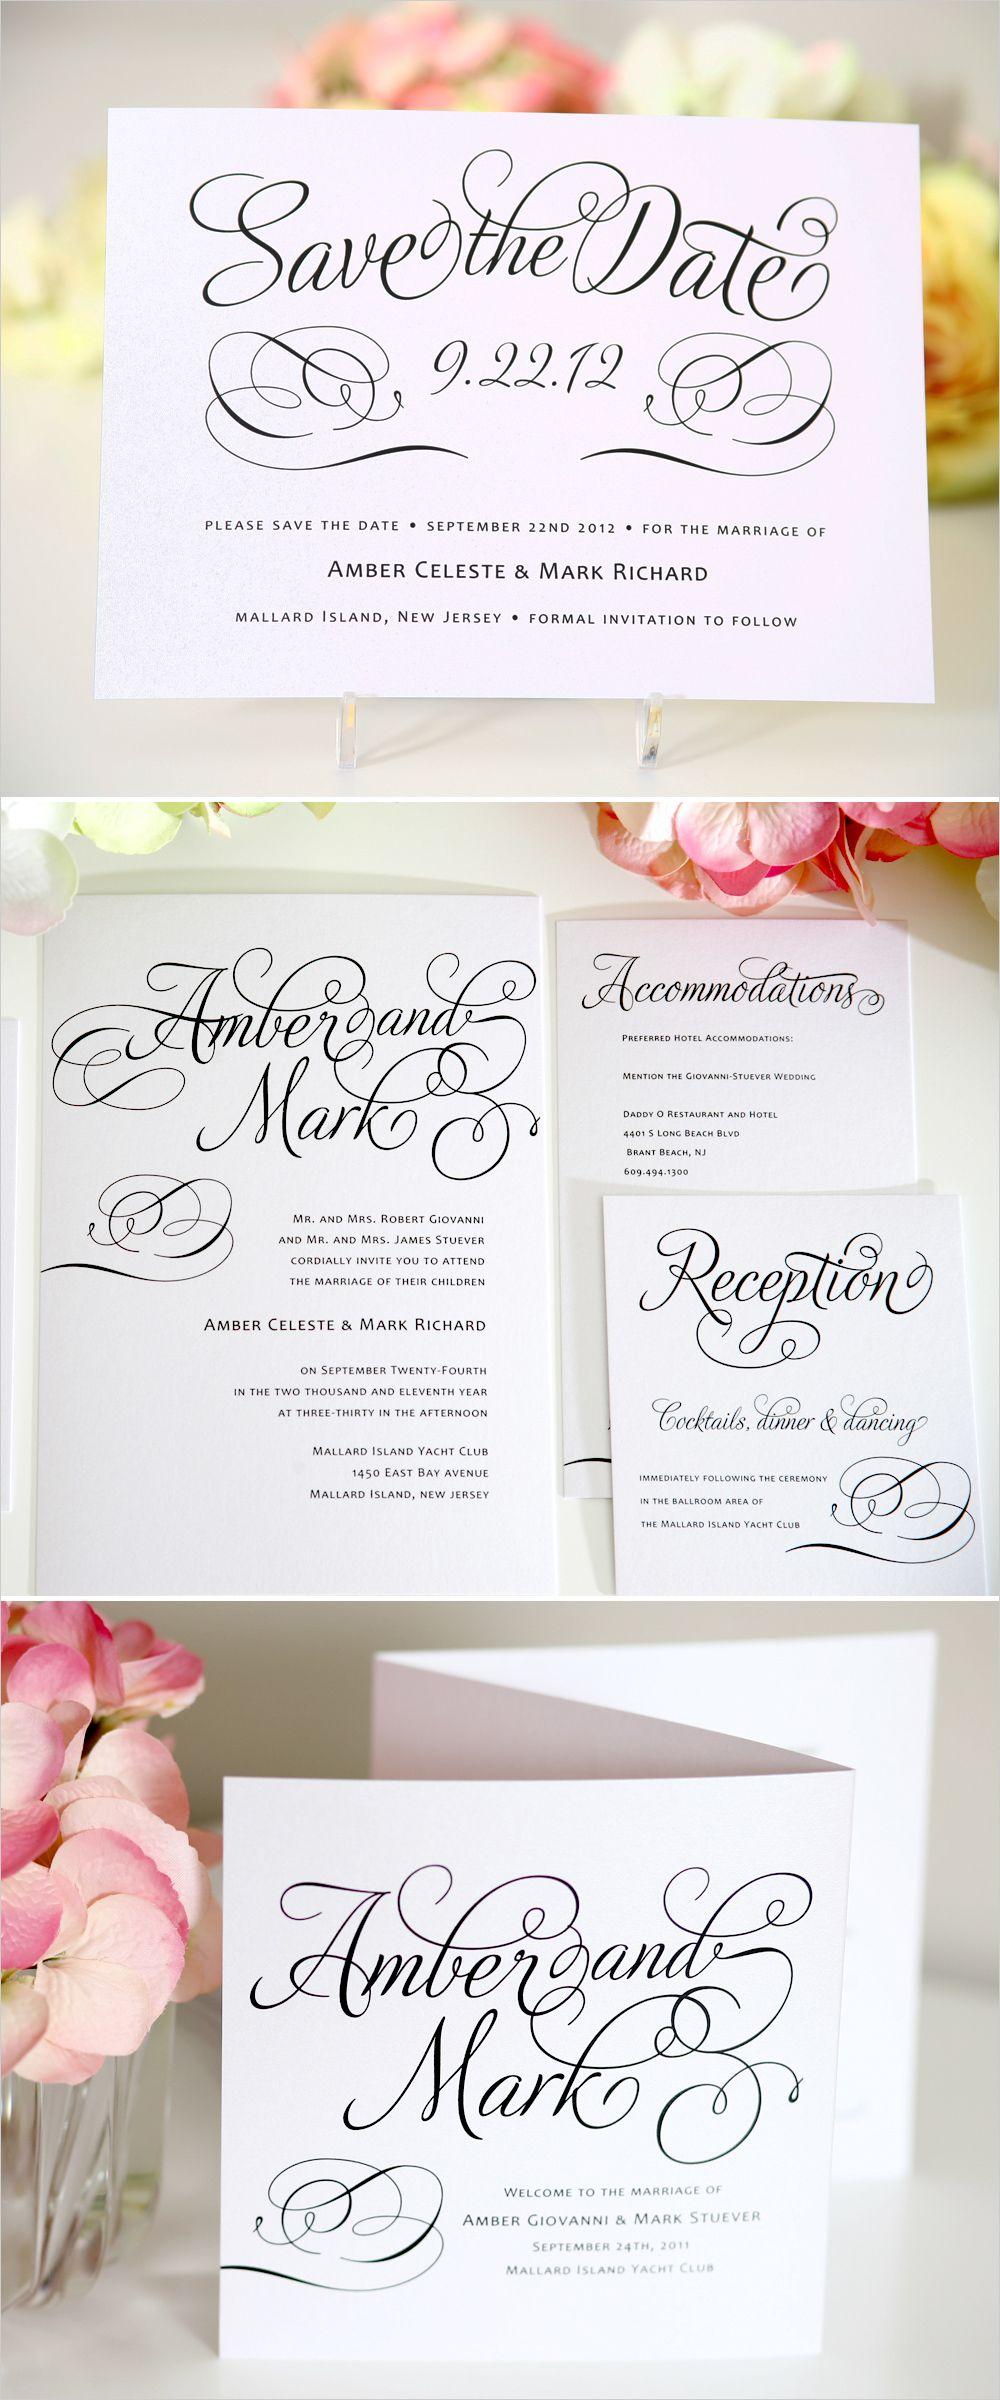 Charming Script Wedding Invitations   Weddings, Wedding and Wedding ...